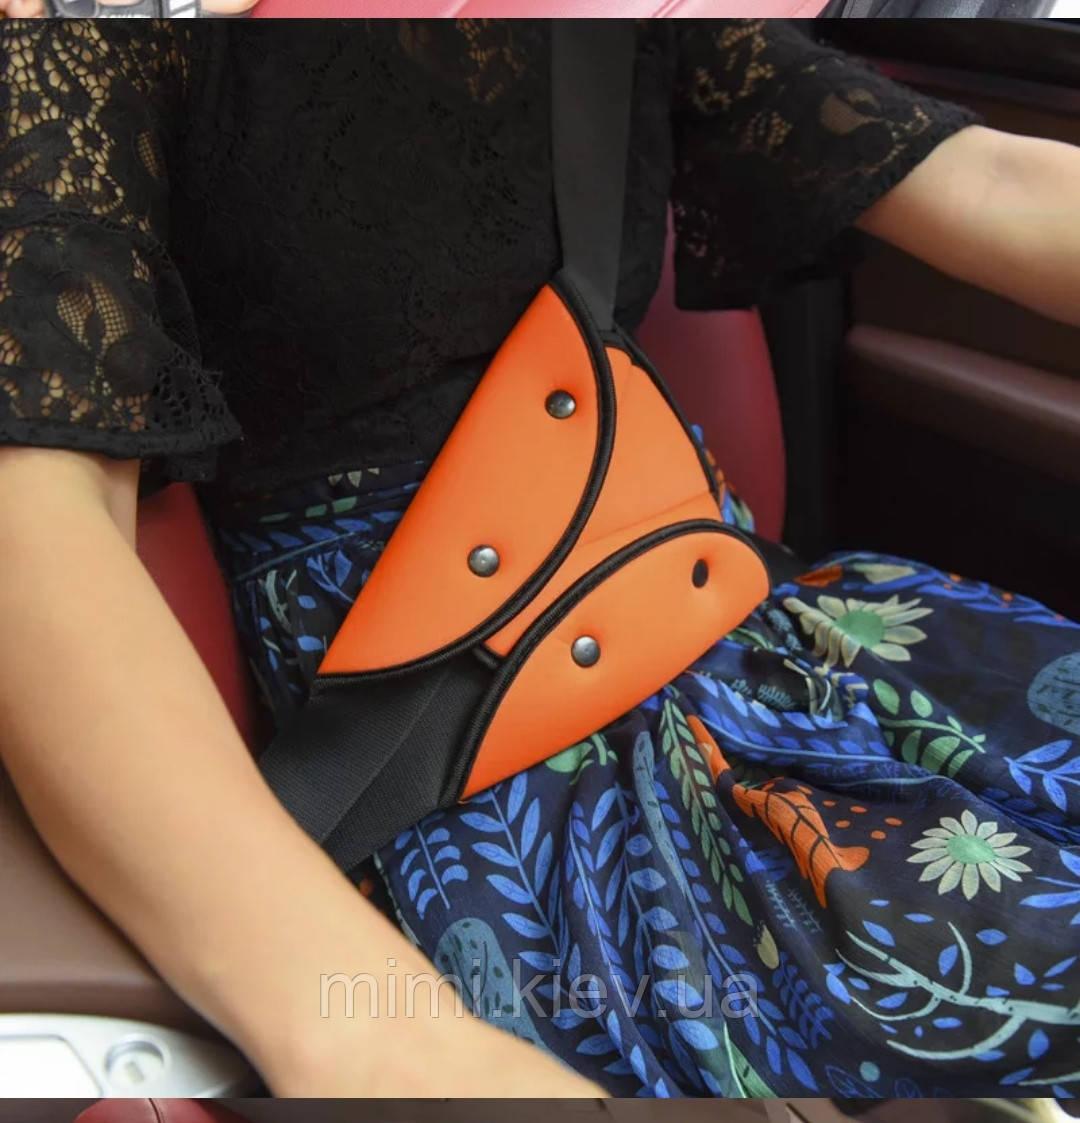 Ремень безопасности для автомобильного кресла, фиксатор для ремня безопасности ребенка